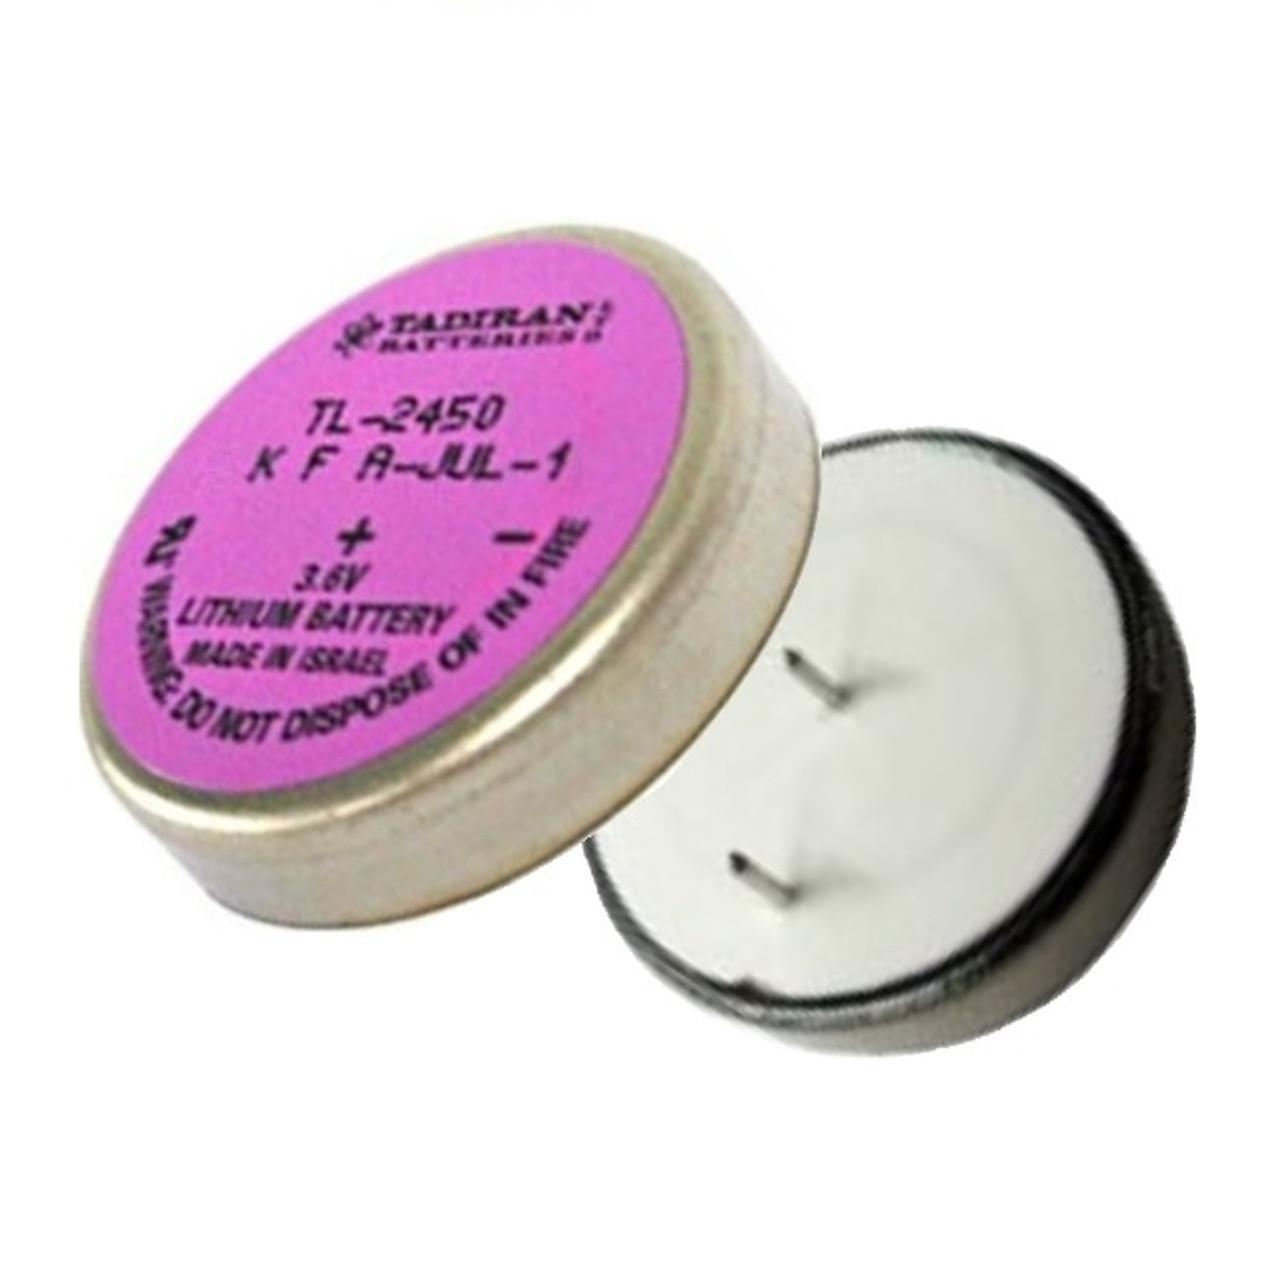 Tadiran TL-2450 / TL-5186 3.6 Volt, 550 mAh Wafer Cell Battery